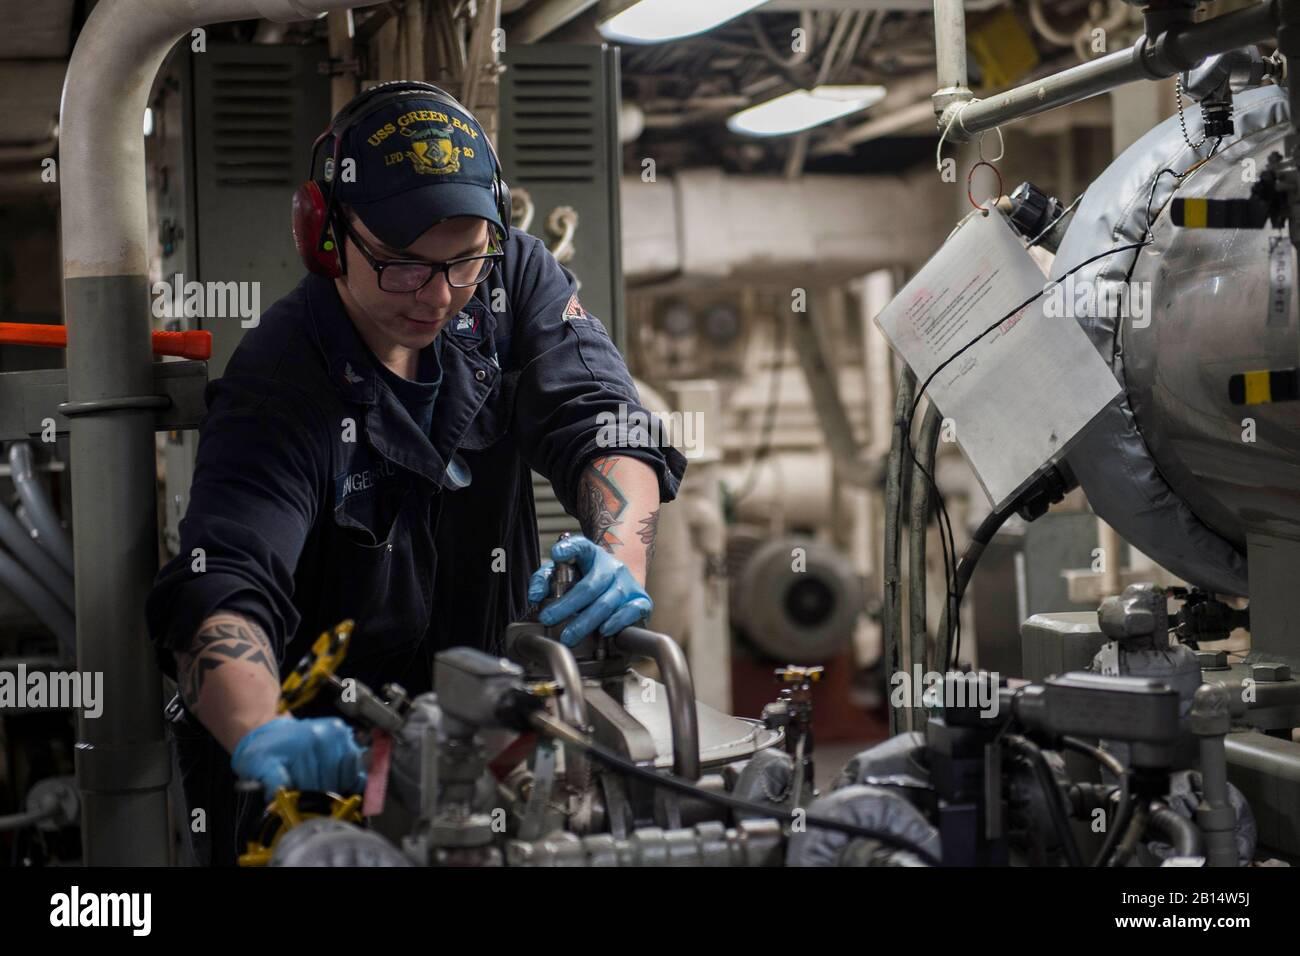 170327-N-ZL062-028 KINBU BAY (Marzo 27, 2017) 3ª clase Engineman Scotty Engelhard, desde el Lago St. Louis, Mo., trabaja en un purificador de aceite lubricante en la principal sala de máquinas, a bordo del transporte anfibio USS Dock Green Bay (LPD 20). Green Bay, parte del Grupo de ataque expedicionario Bonhomme Richard, iniciado con la 31ª Unidad Expedicionaria de los Infantes de Marina, es un patrullaje de rutina, que operan en la región del Pacífico Indo-Asia para mejorar warfighting disposición y postura hacia adelante como una fuerza de respuesta para cualquier tipo de contingencia. (Ee.Uu. Navy photo by Mass Communication Specialist Seaman Sarah Myers/liberado) Foto de stock